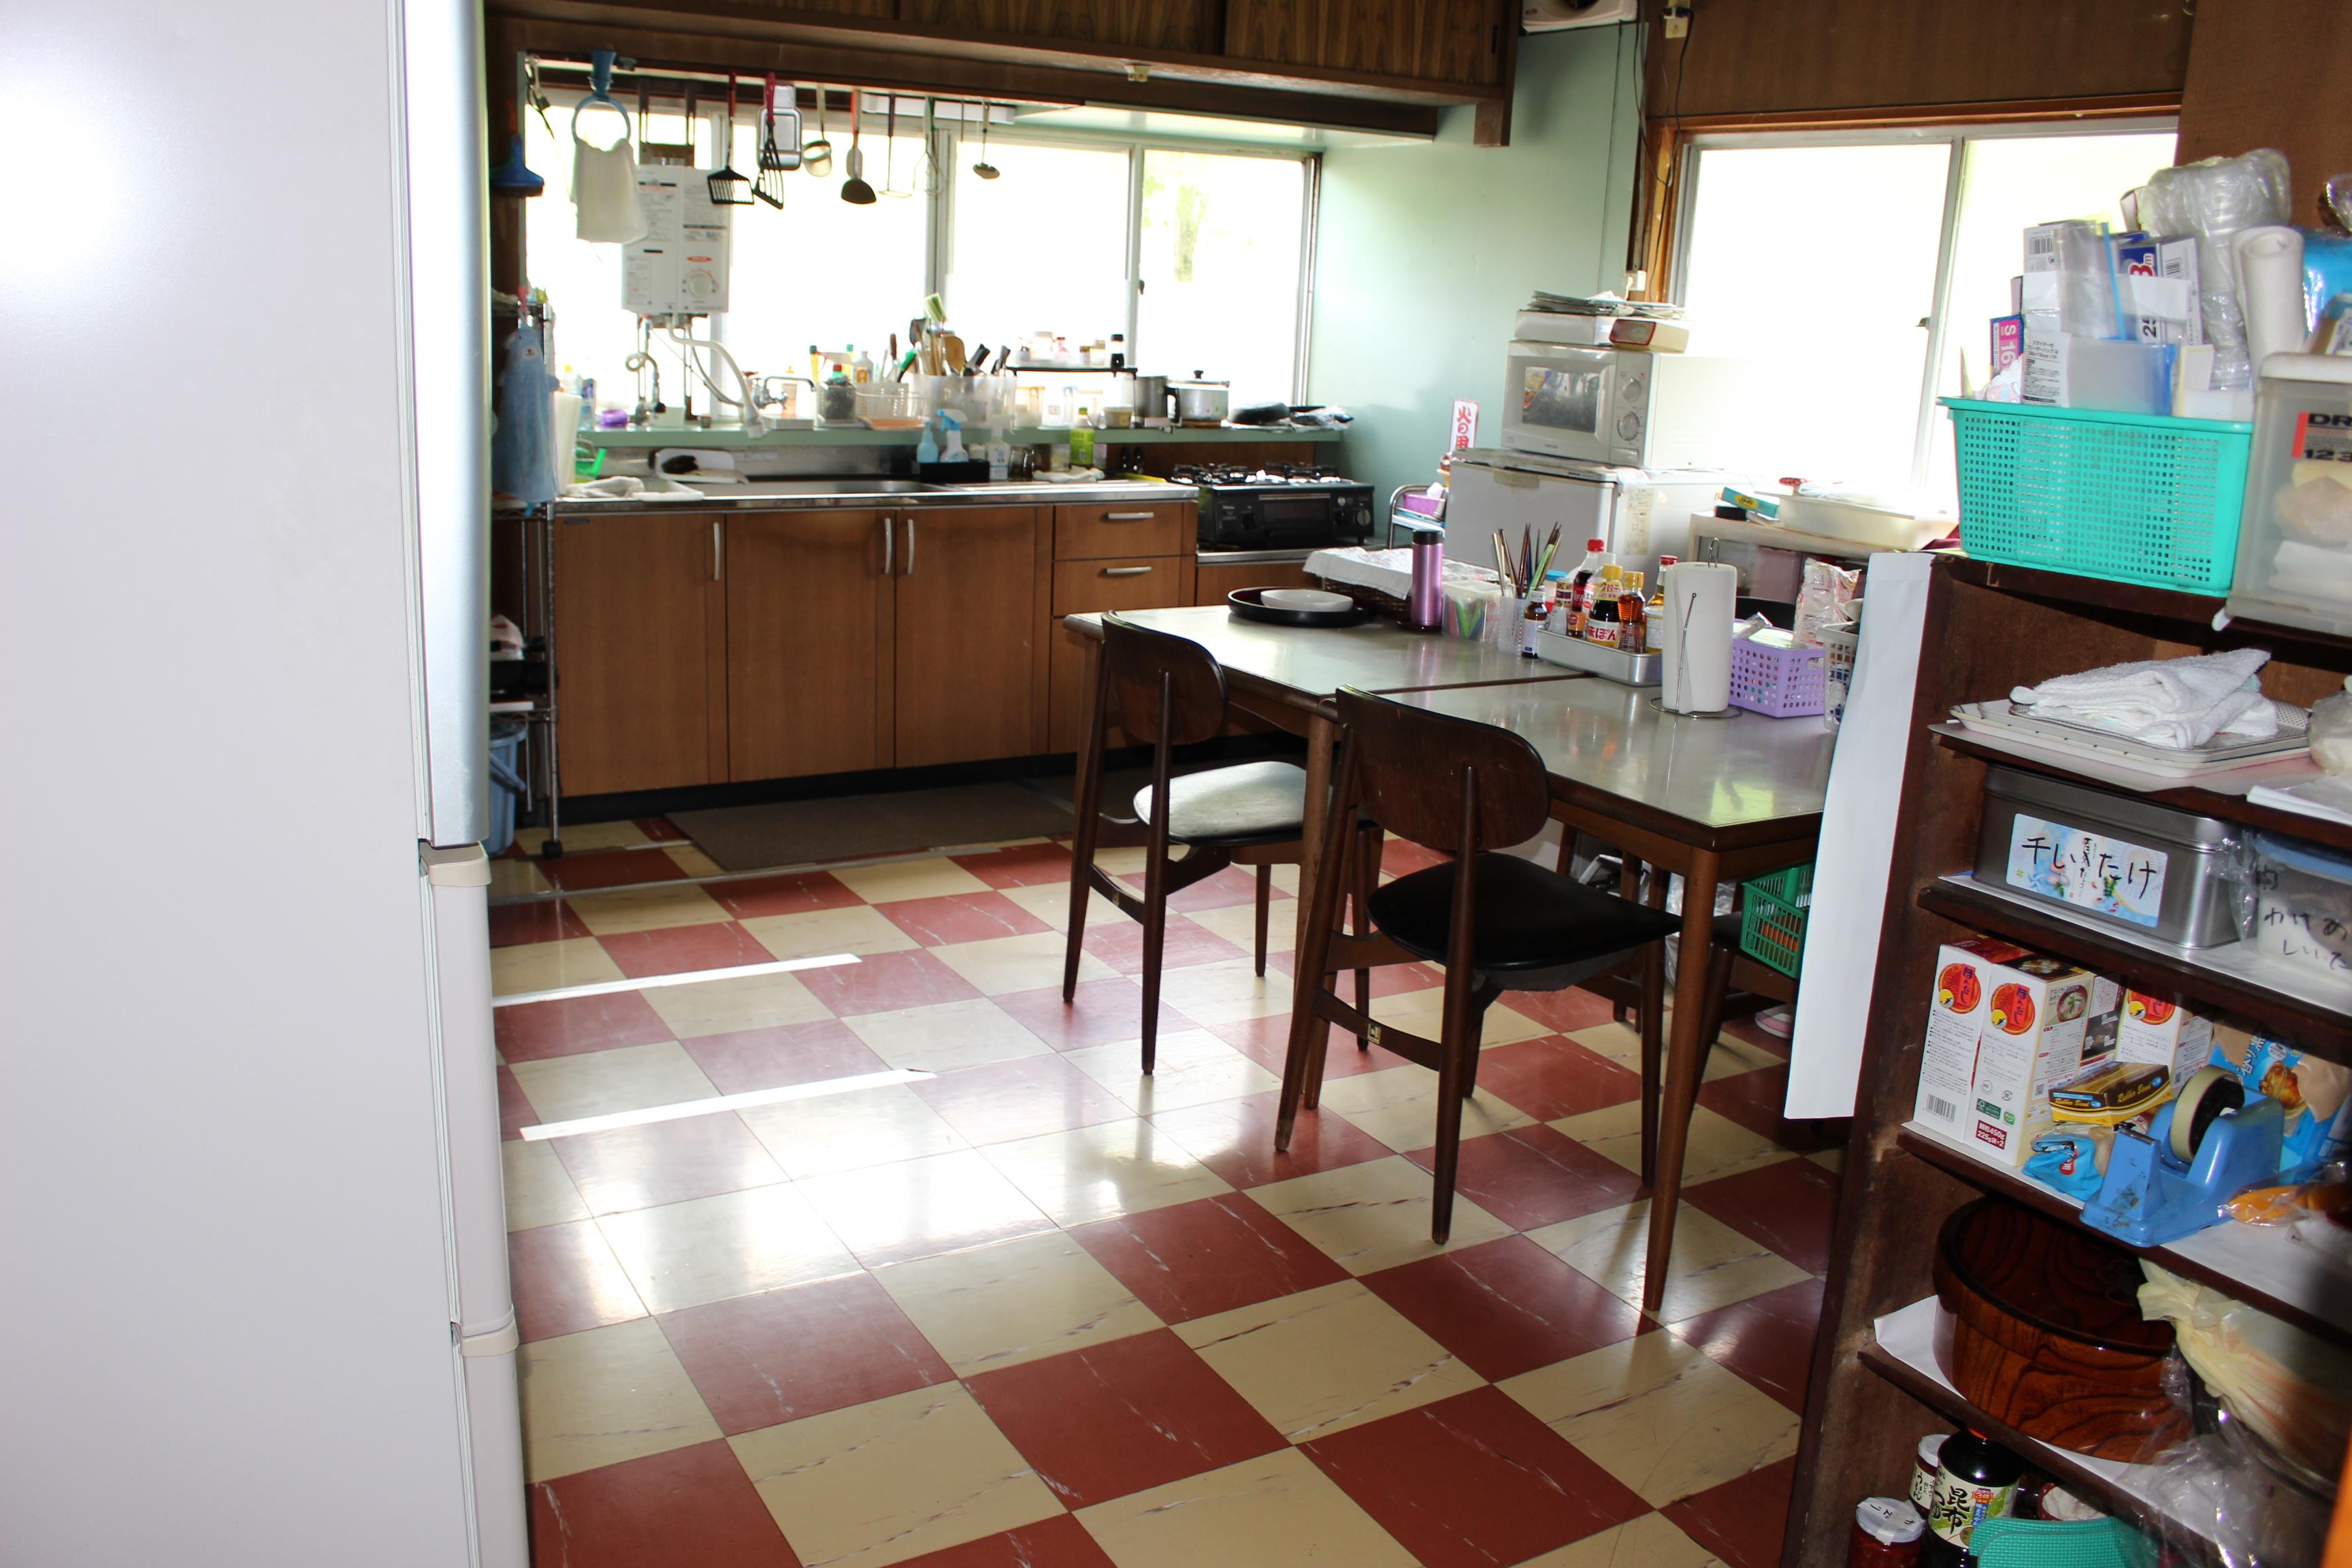 キッチンも広く使い勝手が良さそうですね